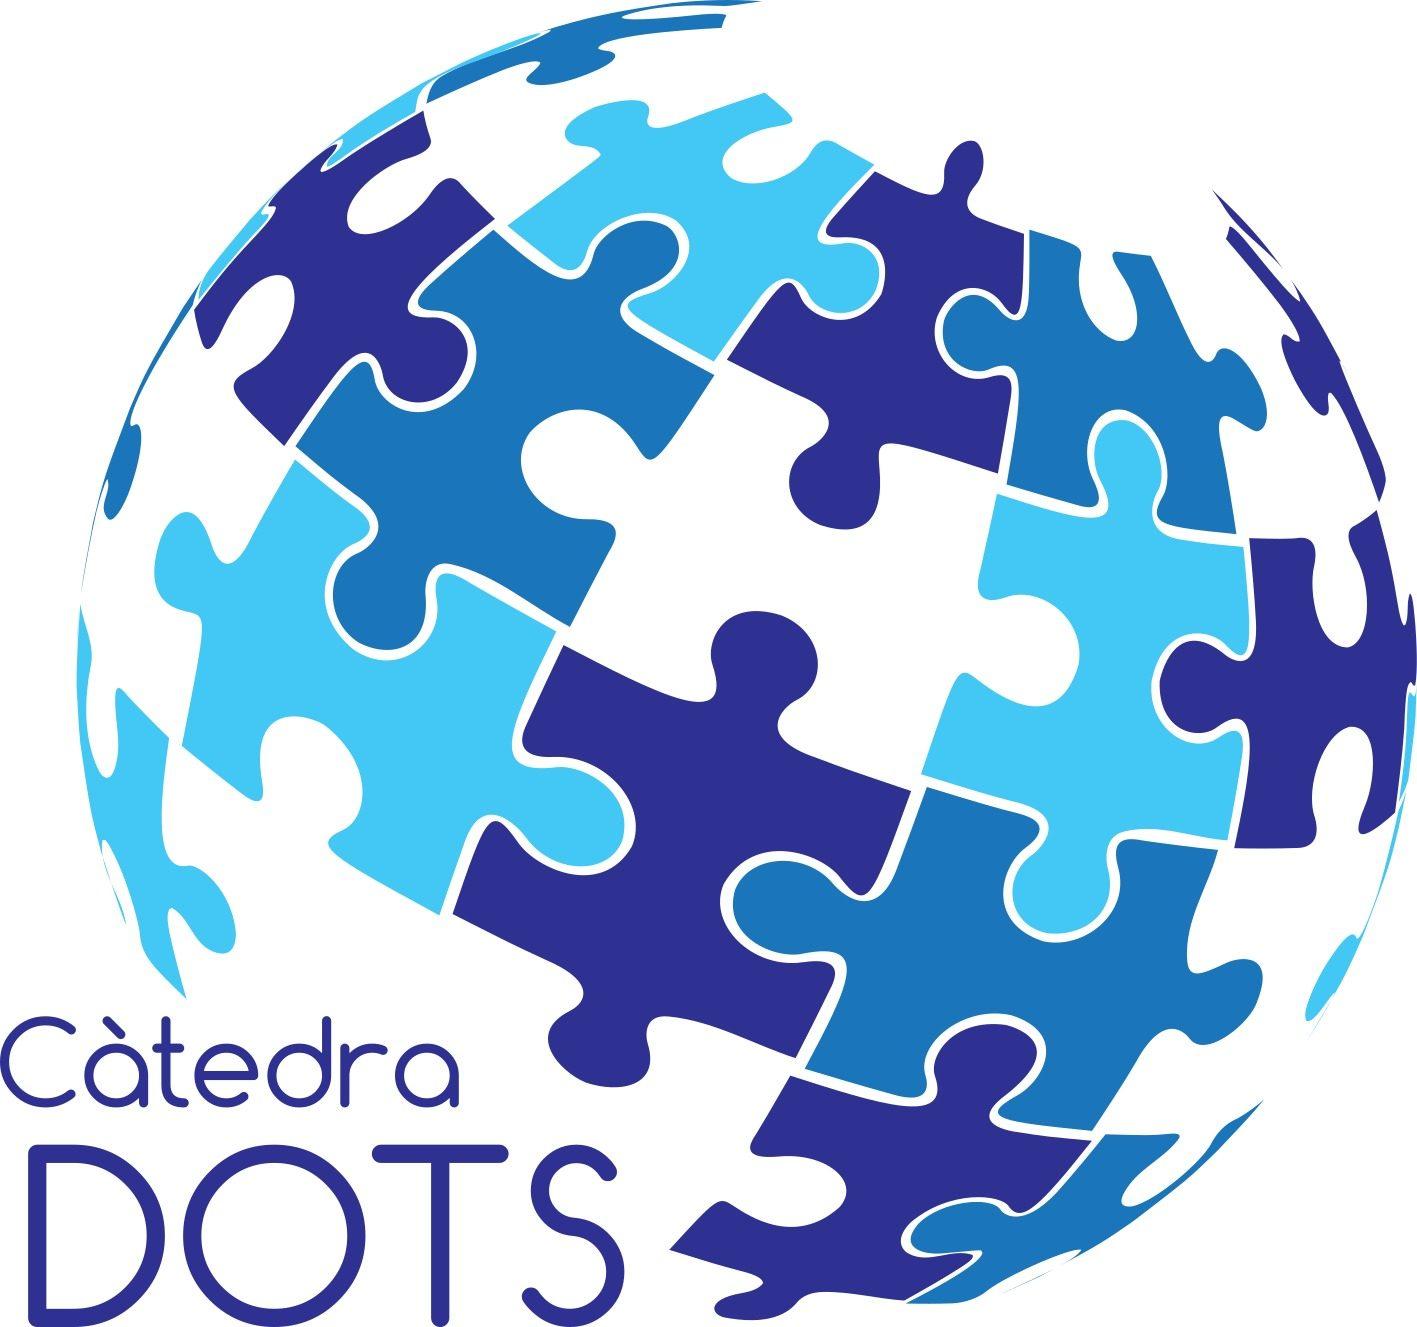 II JORNADA: Desenvolupament d'Organitzacions i Territoris Saludables